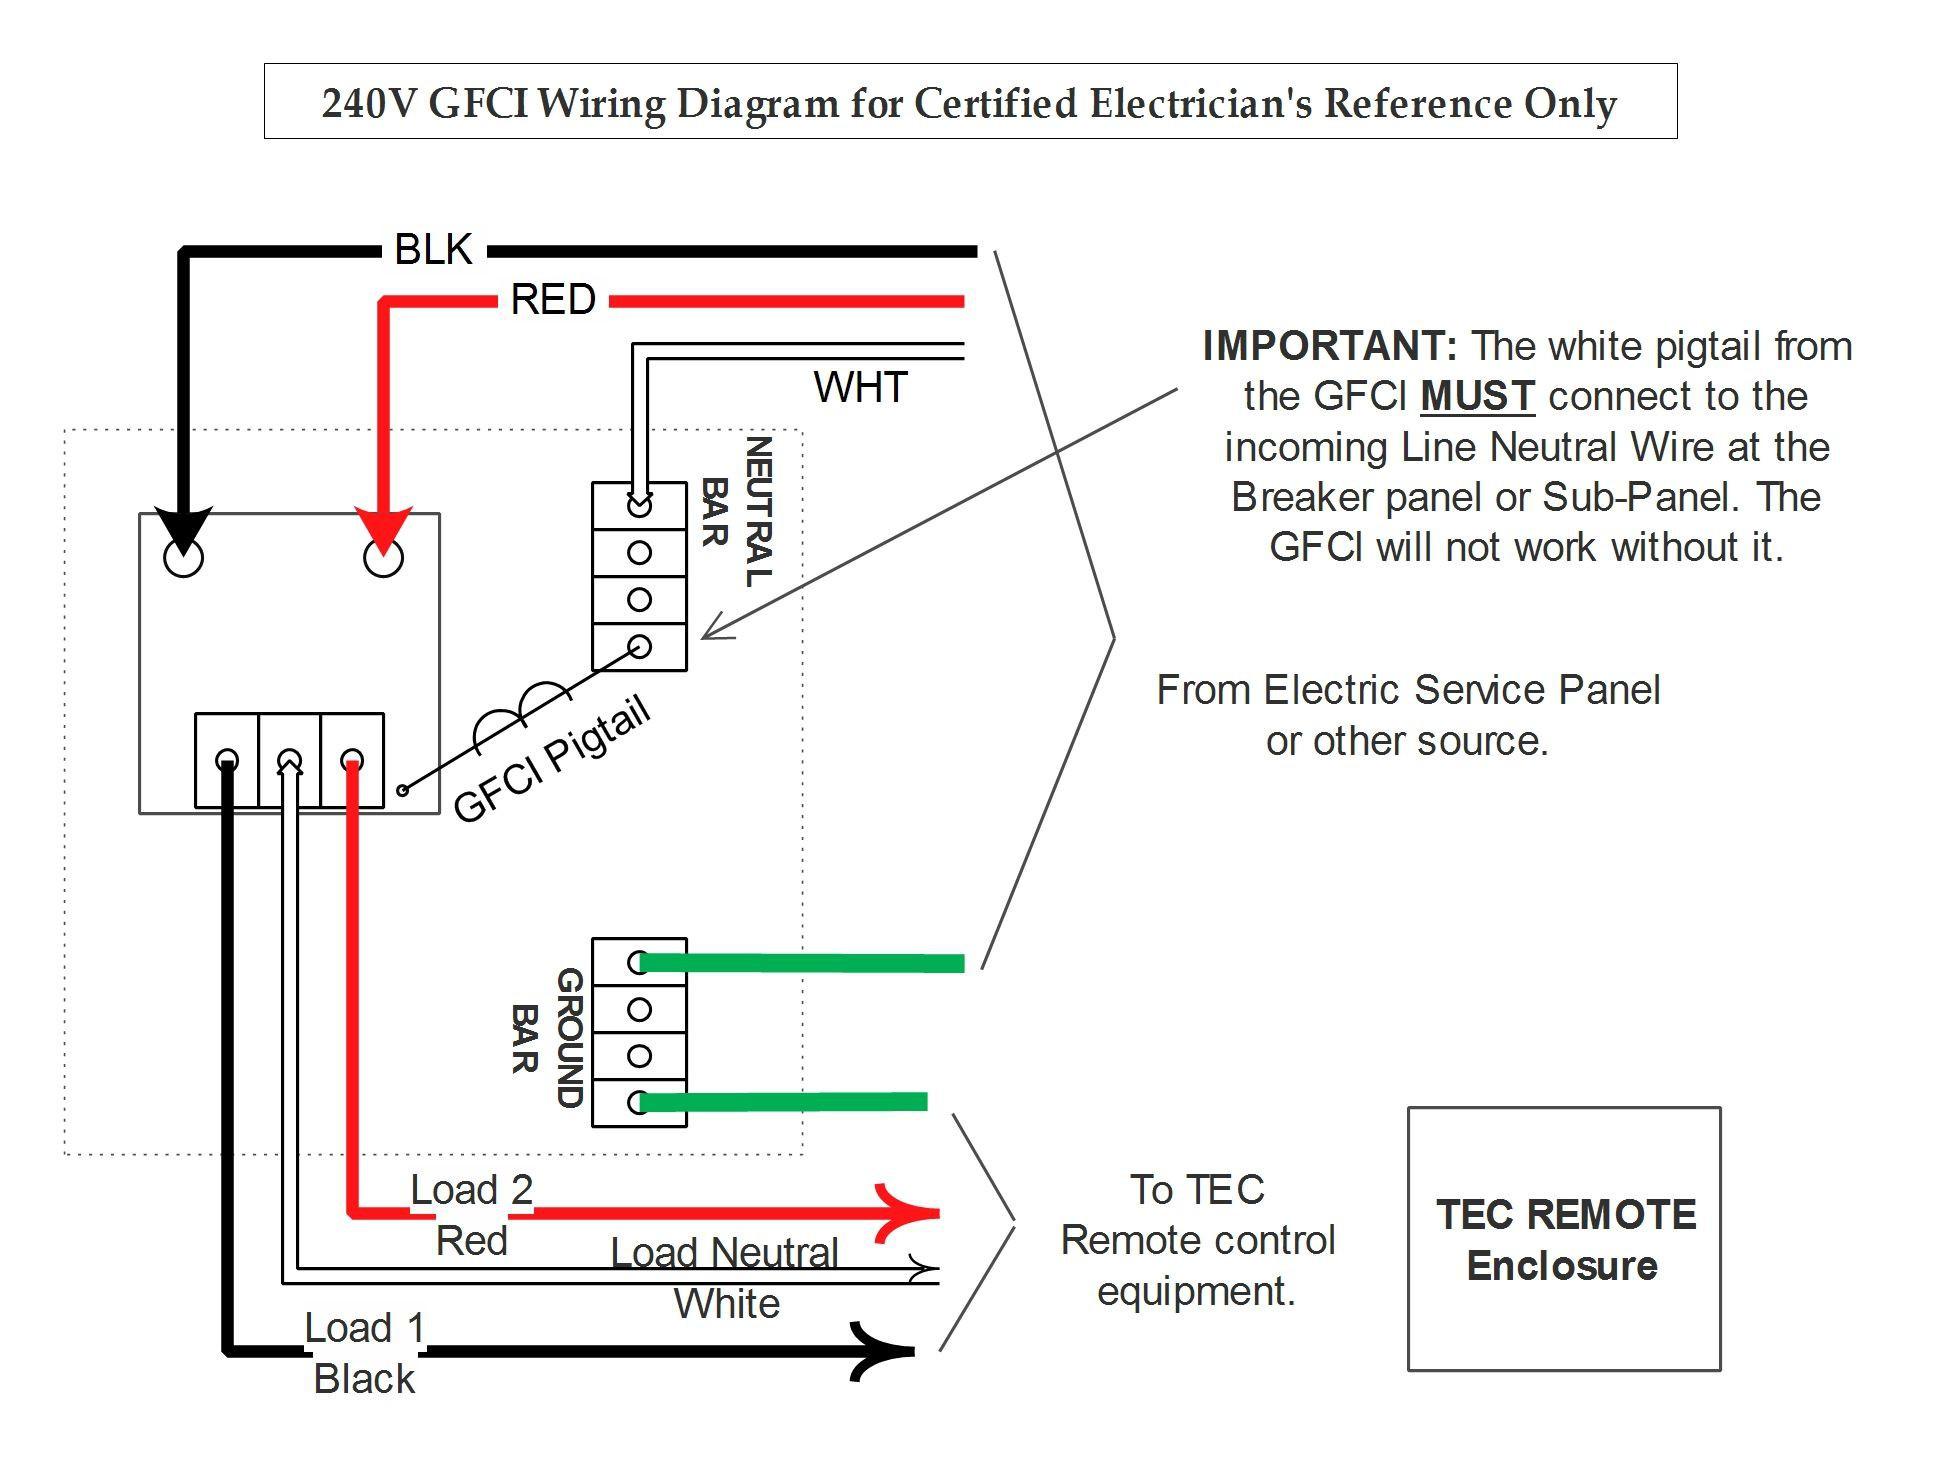 Wiring Diagram 2 Pole Gfci Breaker Recent Gfci Breaker Wiring - 2 Pole Gfci Breaker Wiring Diagram